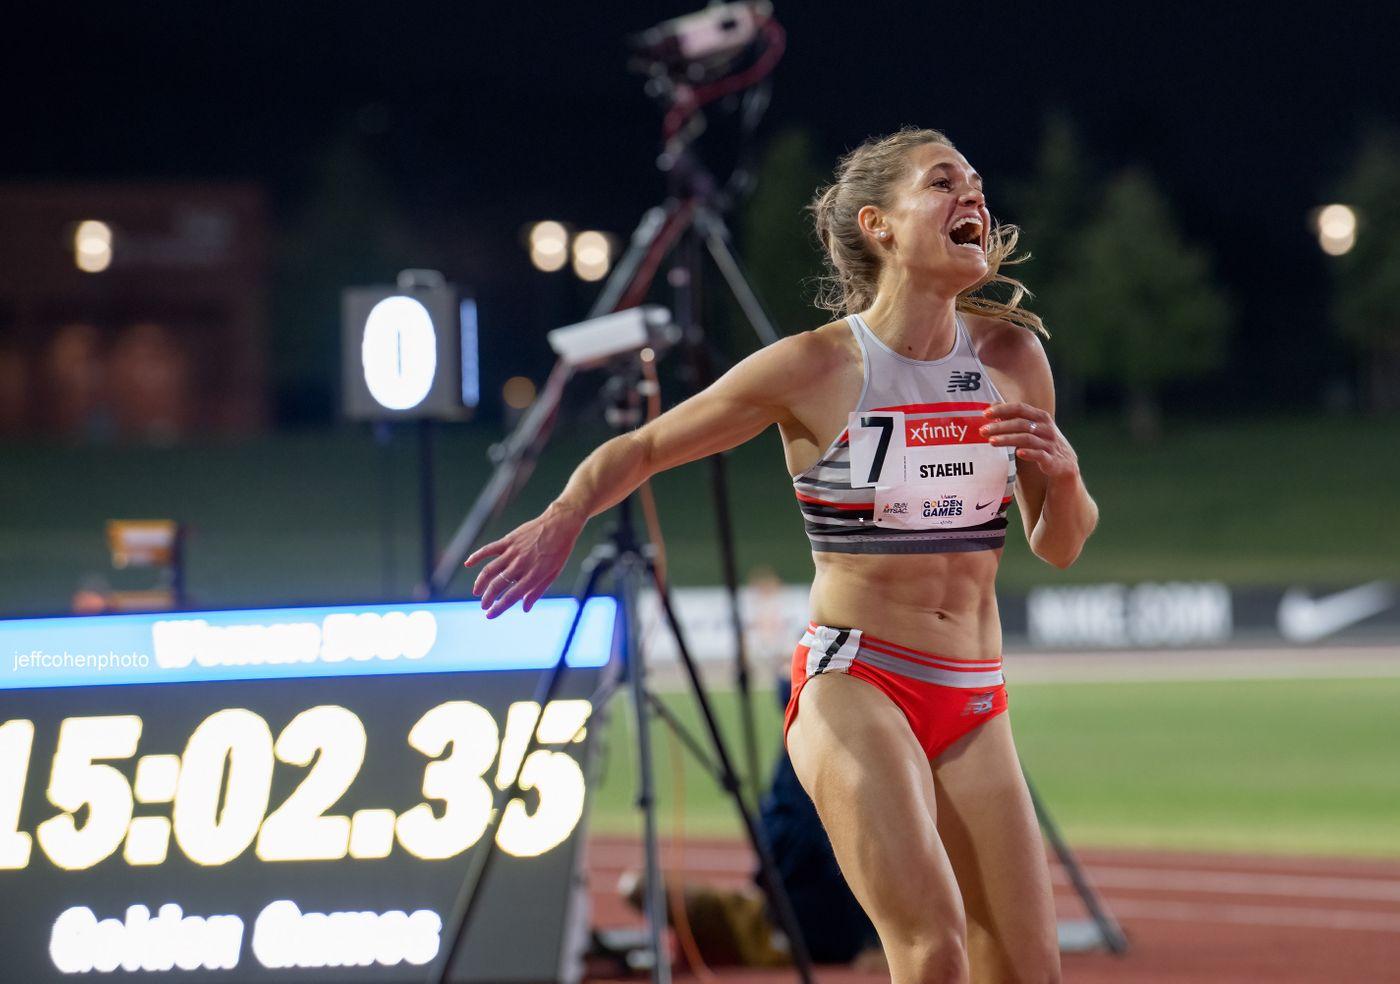 Julie-Anne Staehli, 5000 meters , 2021 USATF Golden Games